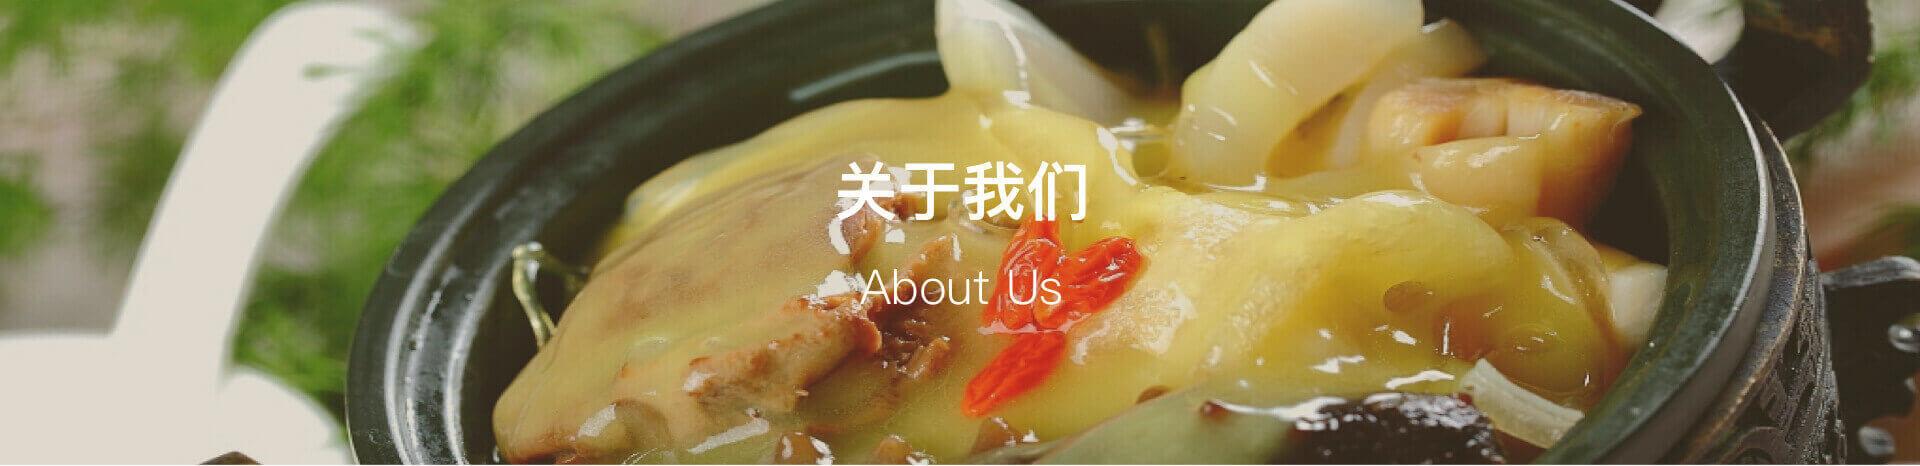 01 公司介绍-关于我们 (3)